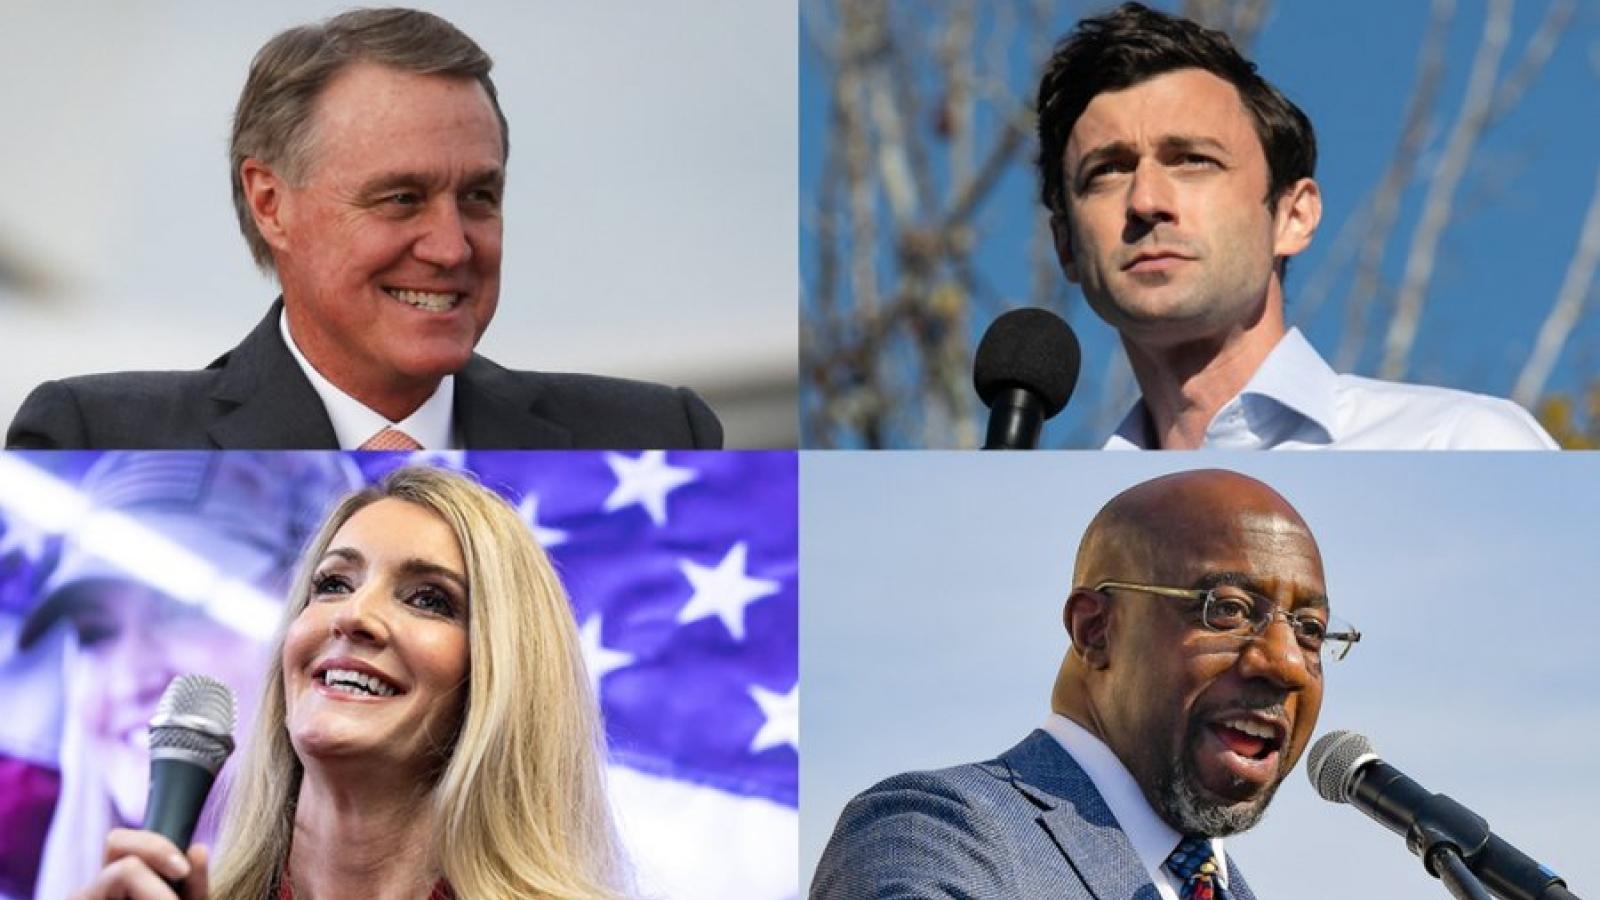 Đảng Cộng hòa dẫn trước trong cuộc đua khốc liệt kiểm soát Thượng viện Mỹ